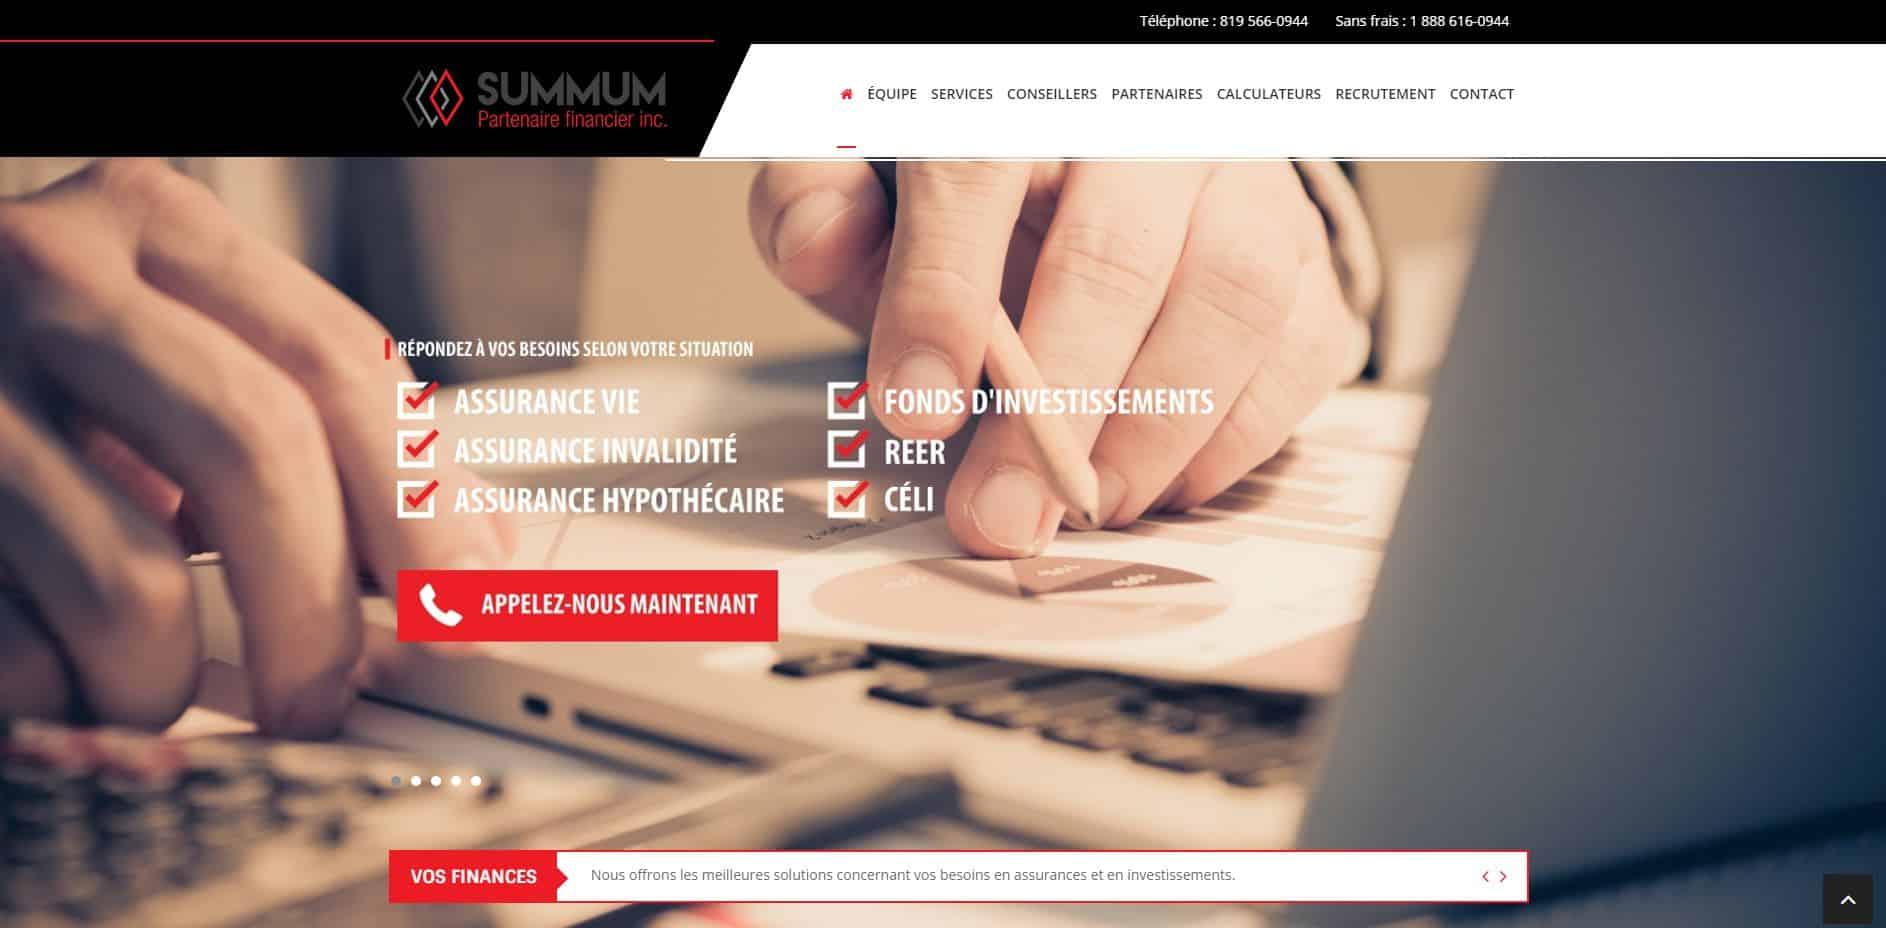 conception-web-summum-finances-1